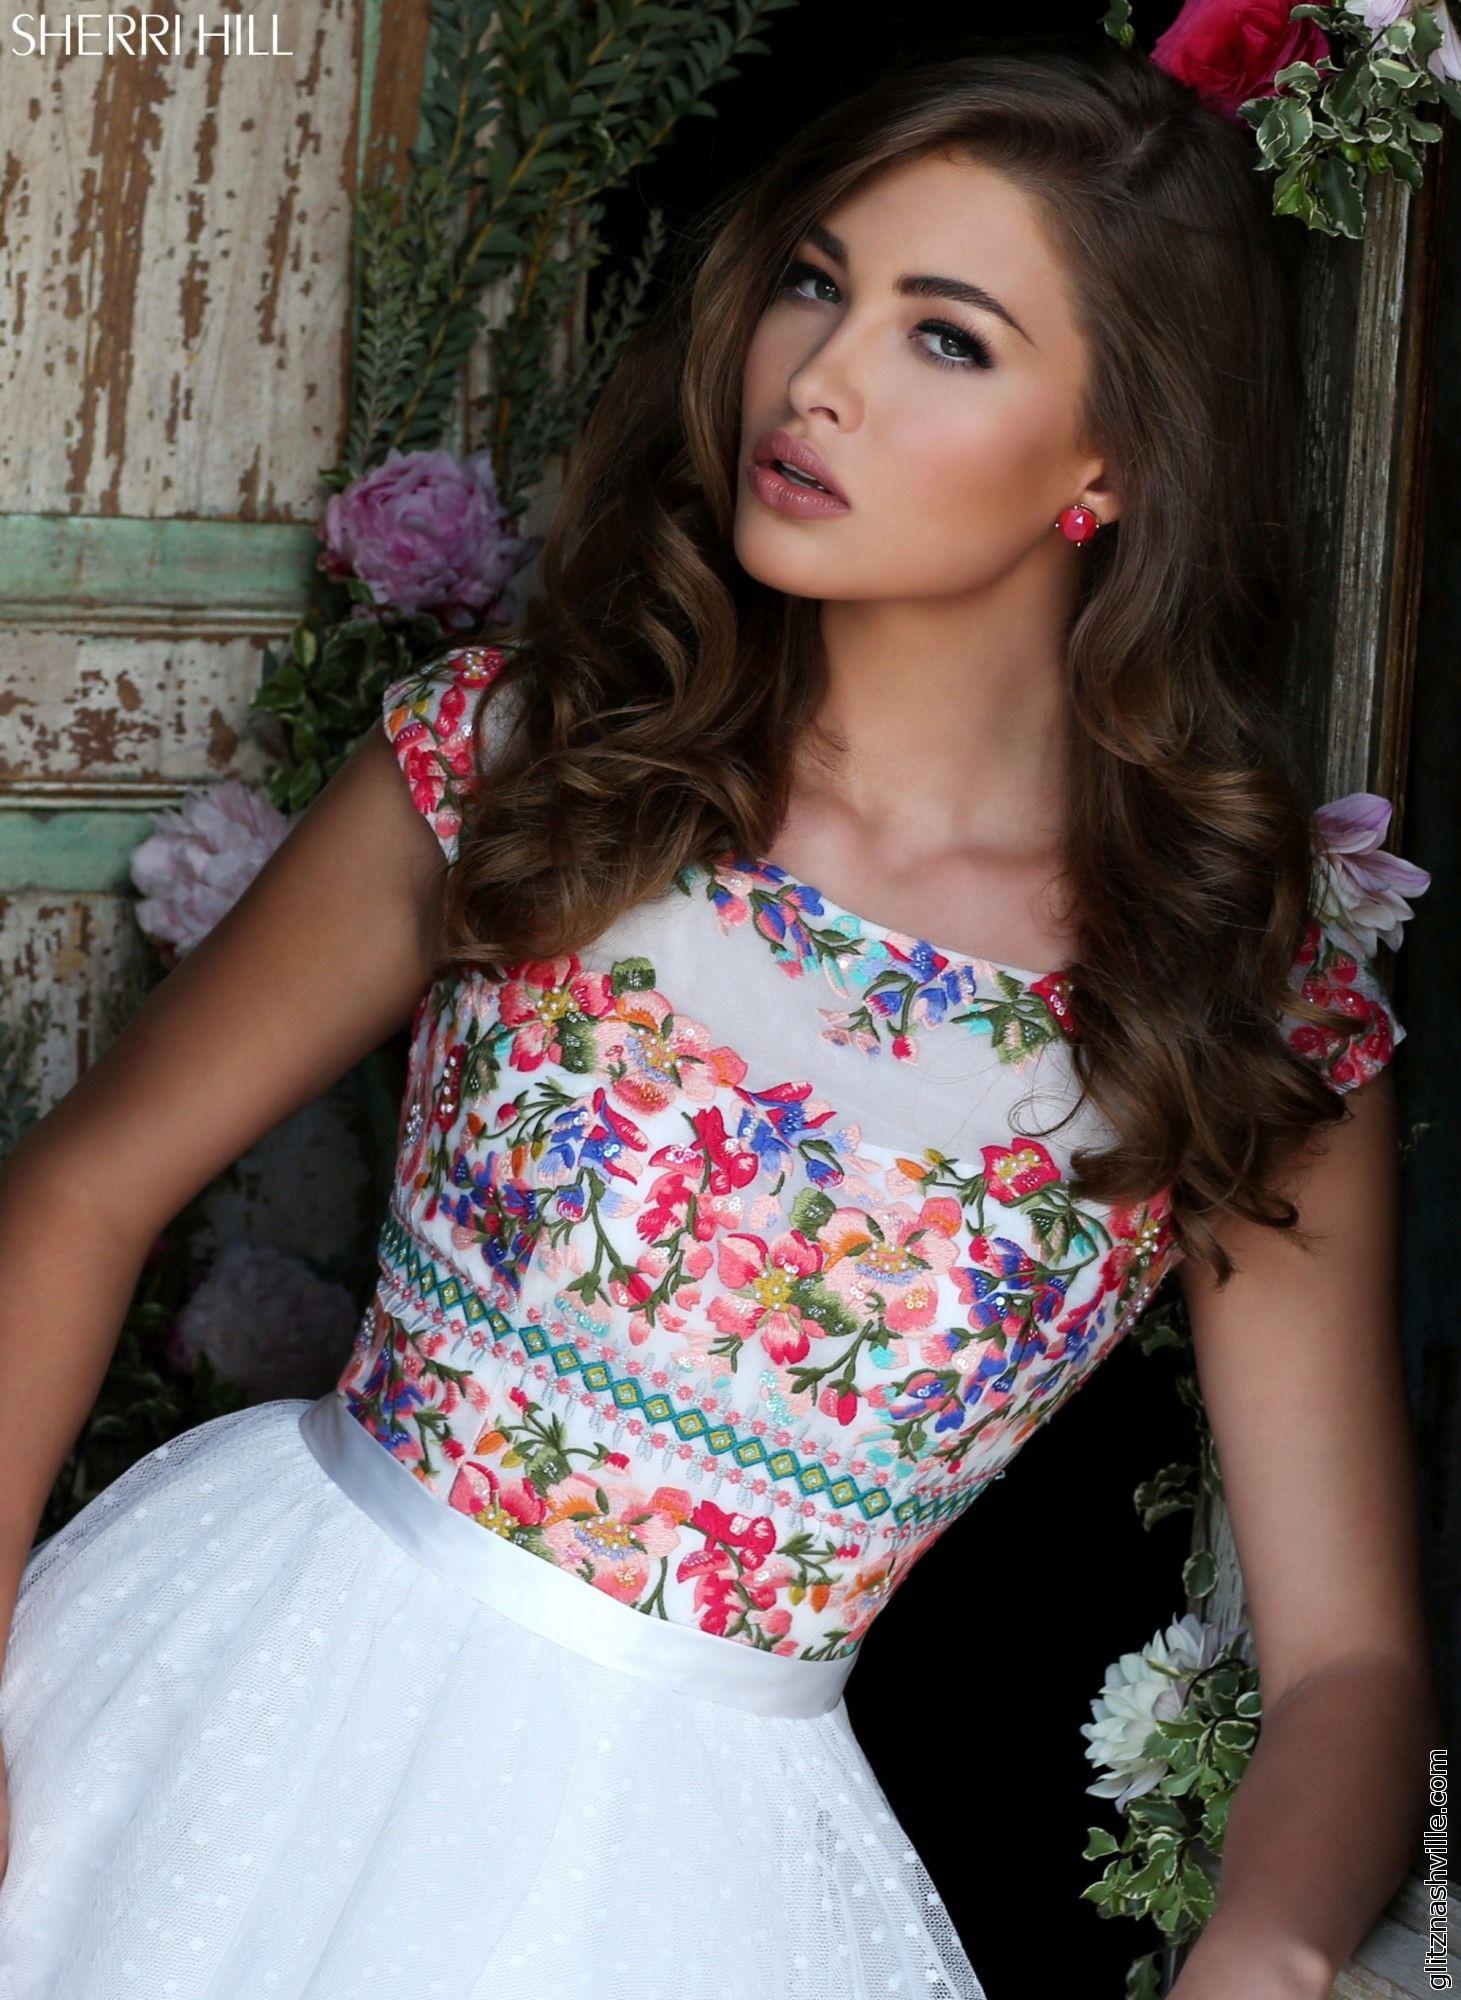 Sherri Hill gown style 50319 at #GlitzNash @GlitzNash  http://www.glitznashville.com